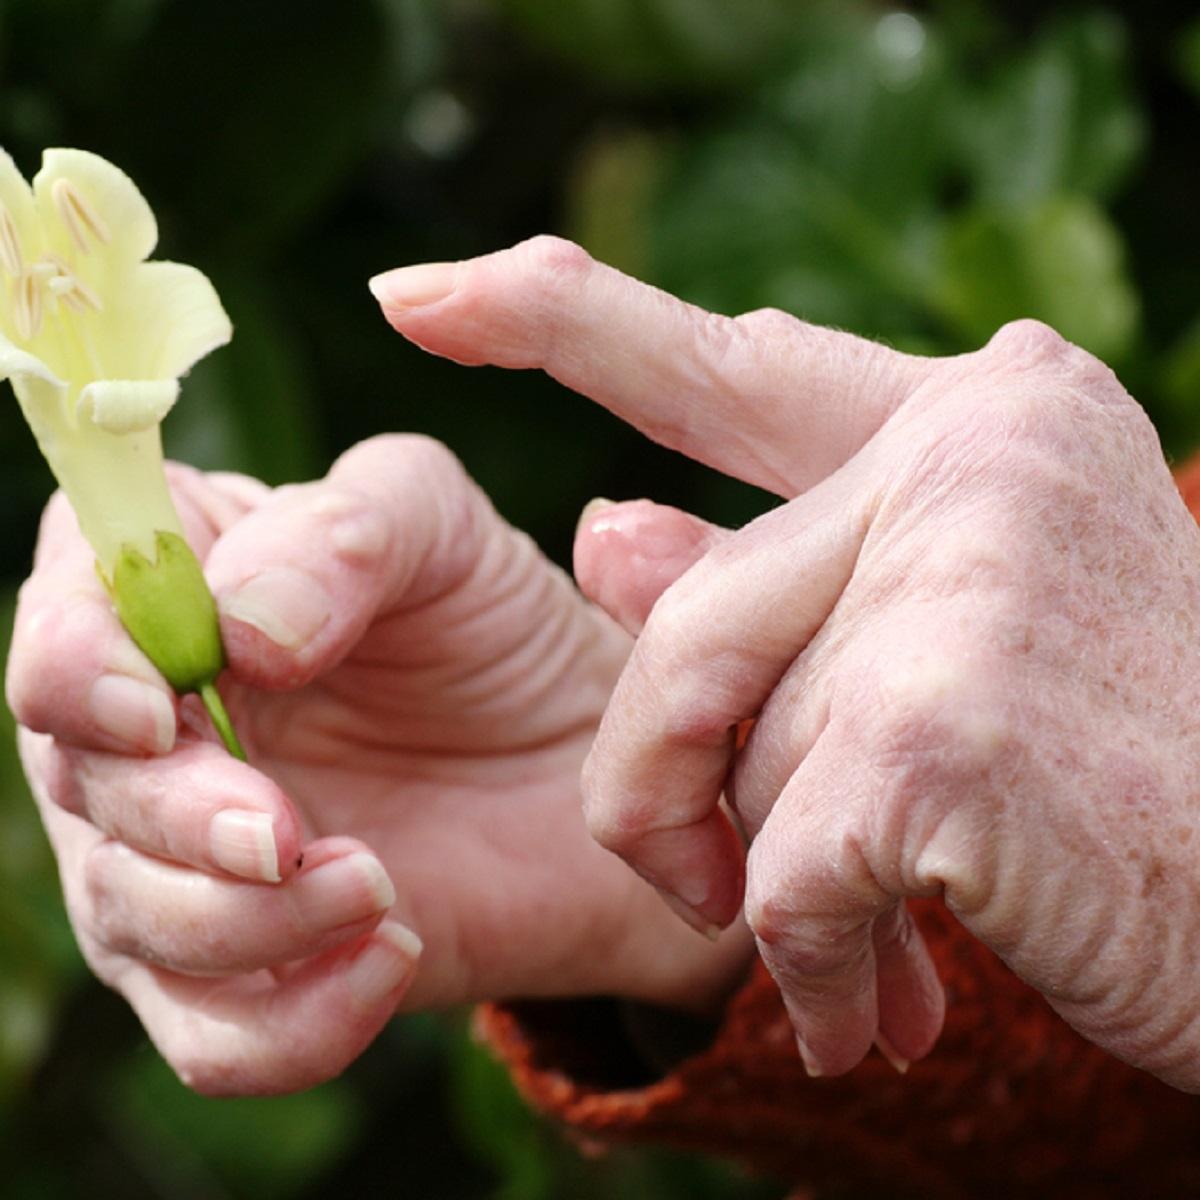 Hoidke valu parast vigastusi Kasi valus usaldusisiku ravi